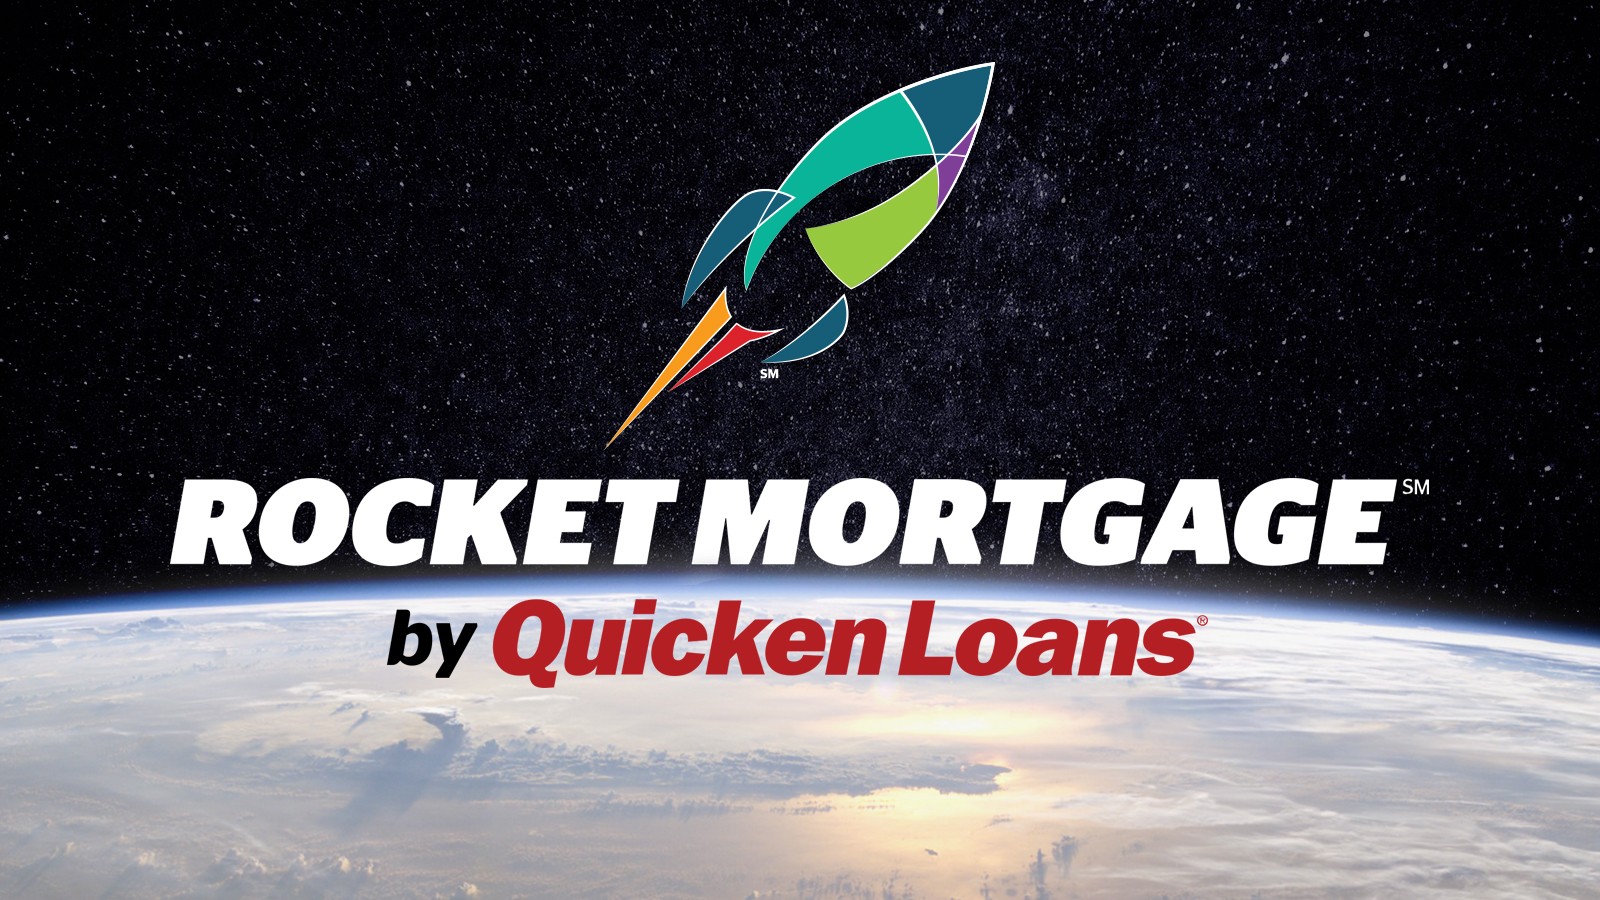 Rocket Mortgage | Quicken Loans Pressroom